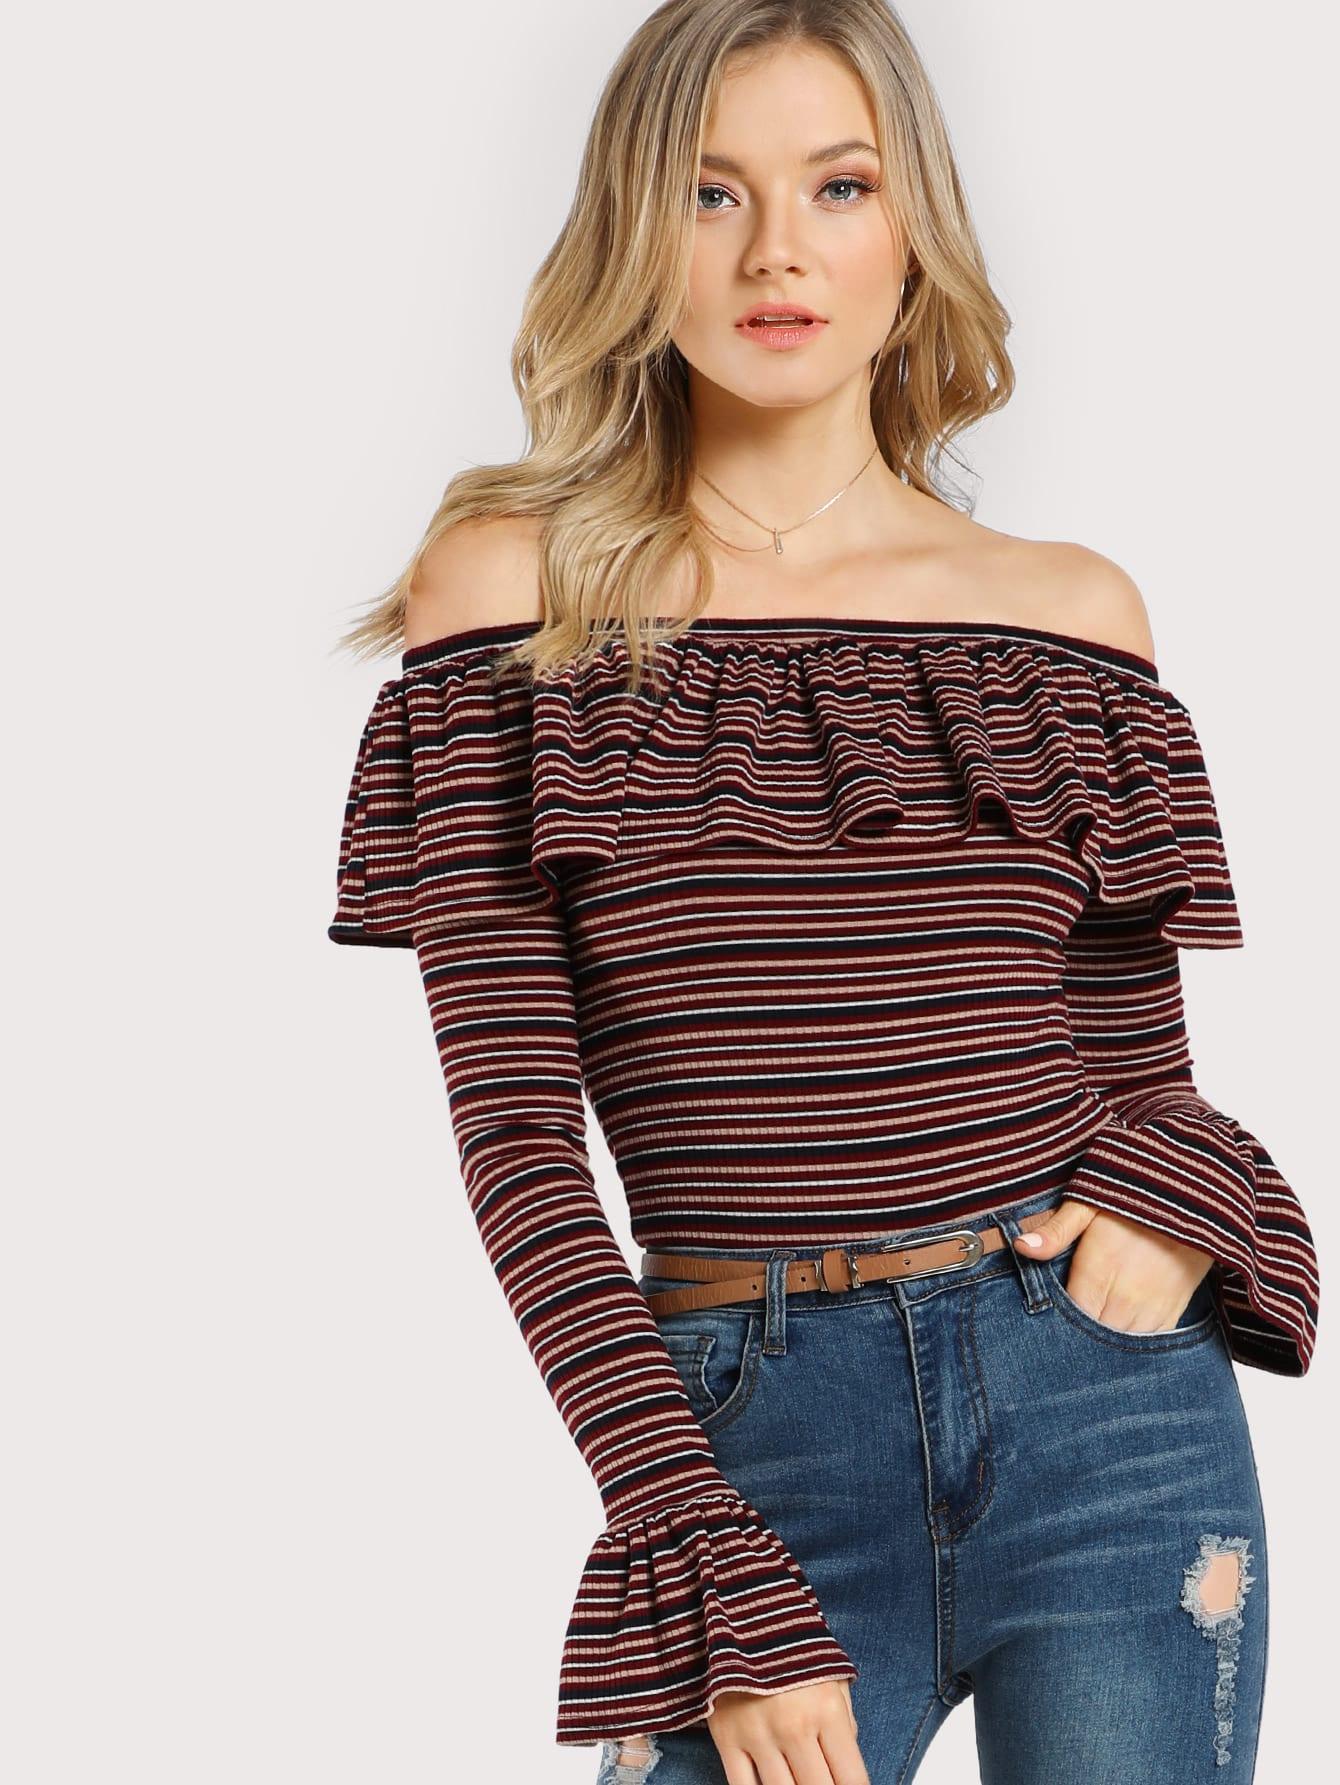 Rib Knit Striped Frill Off Shoulder T-shirt teemmc170927701